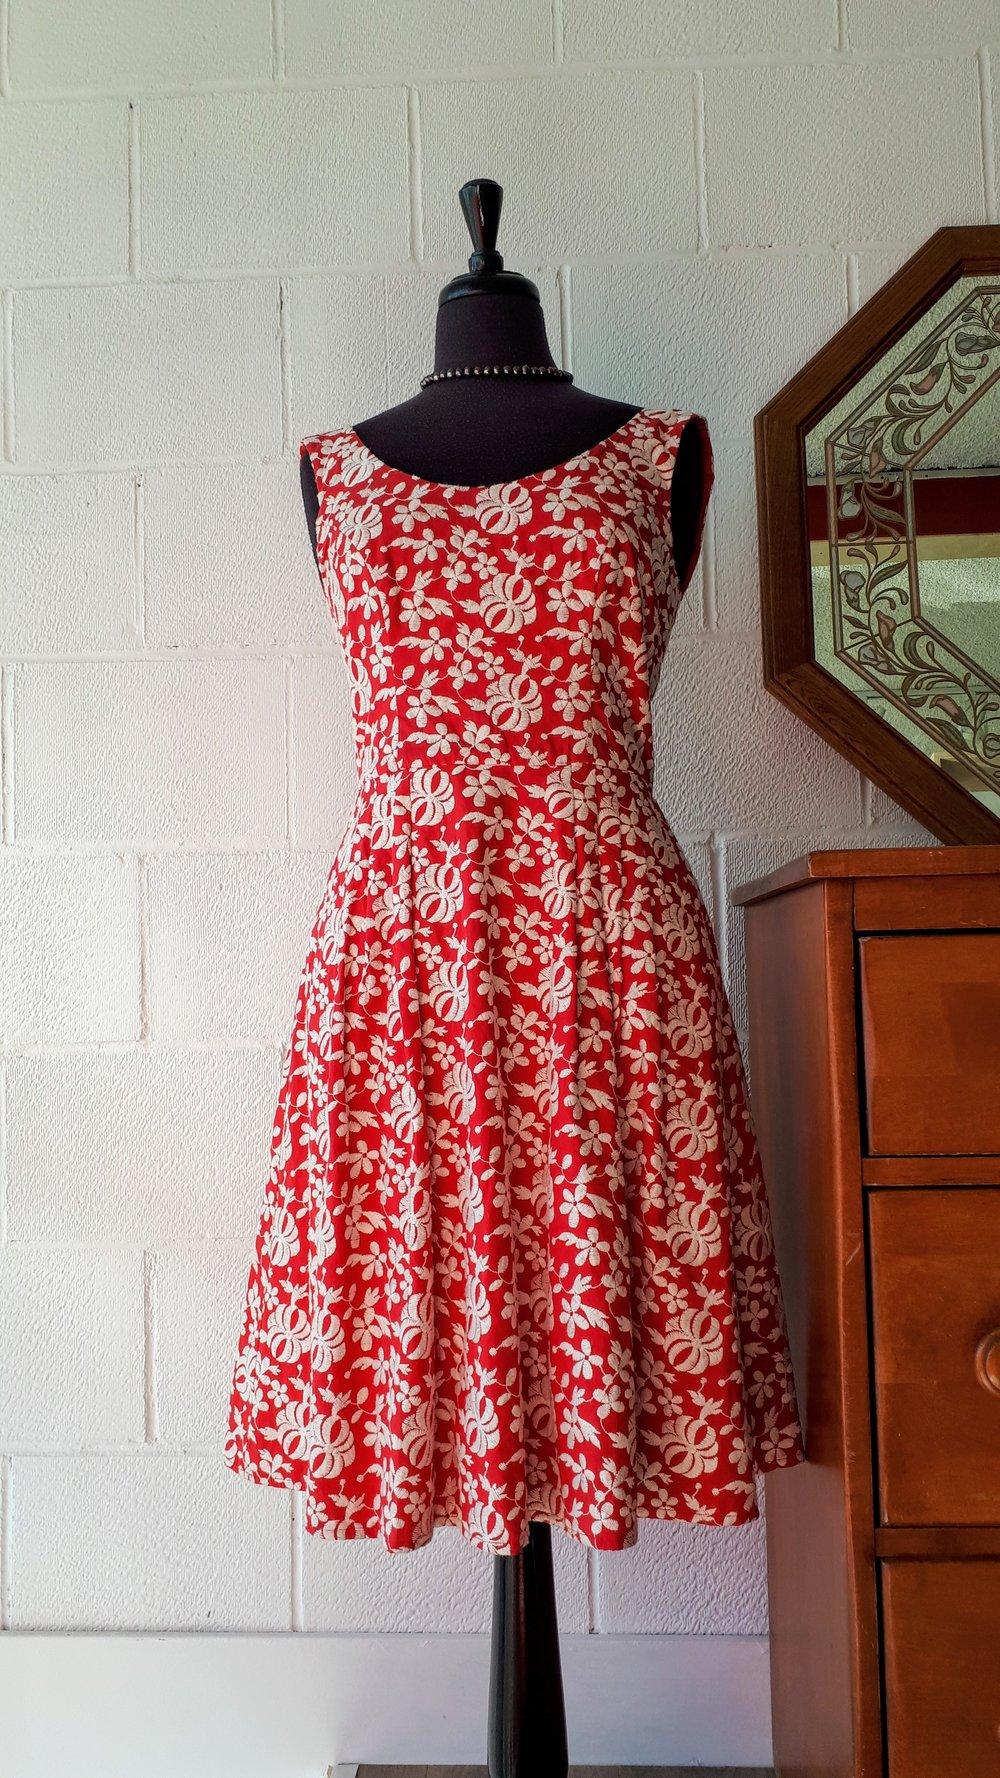 Betsey Johnson dress; Size 4, $62